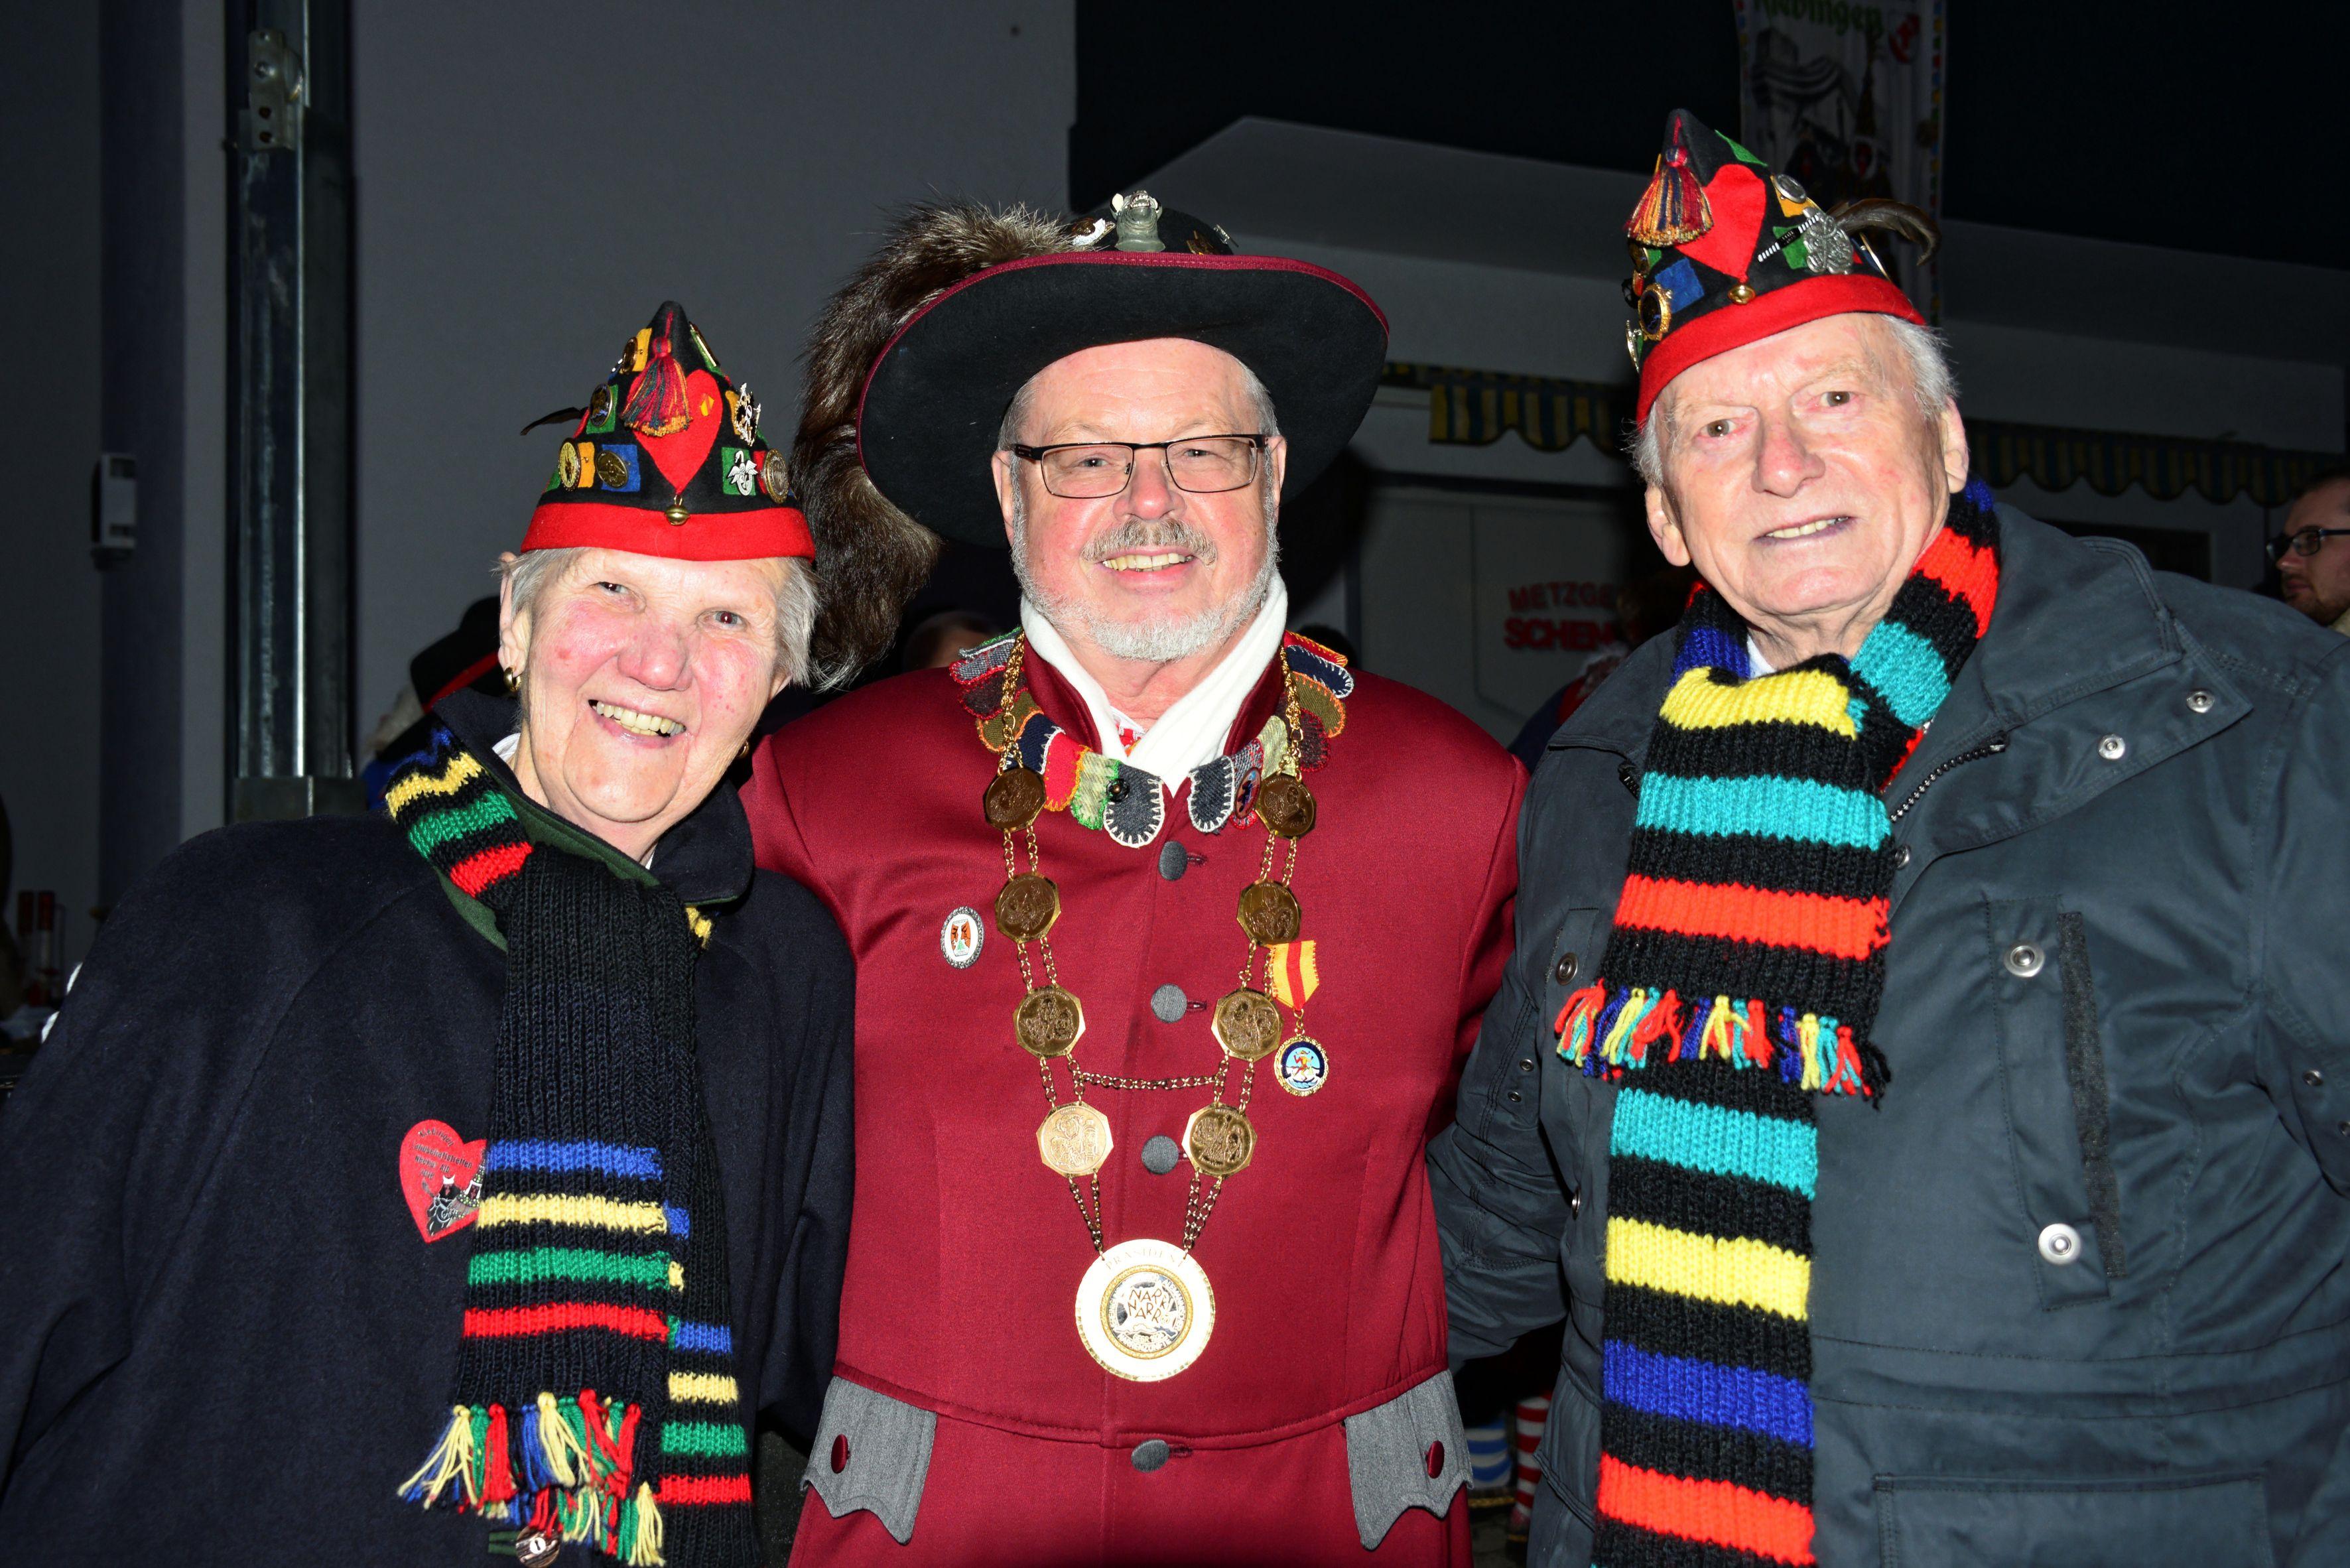 Präsident Roland Wehrle mit Ehrenzunftmeister Karl Gonser und Ehrenzunftschreiberin Trudl Gonser